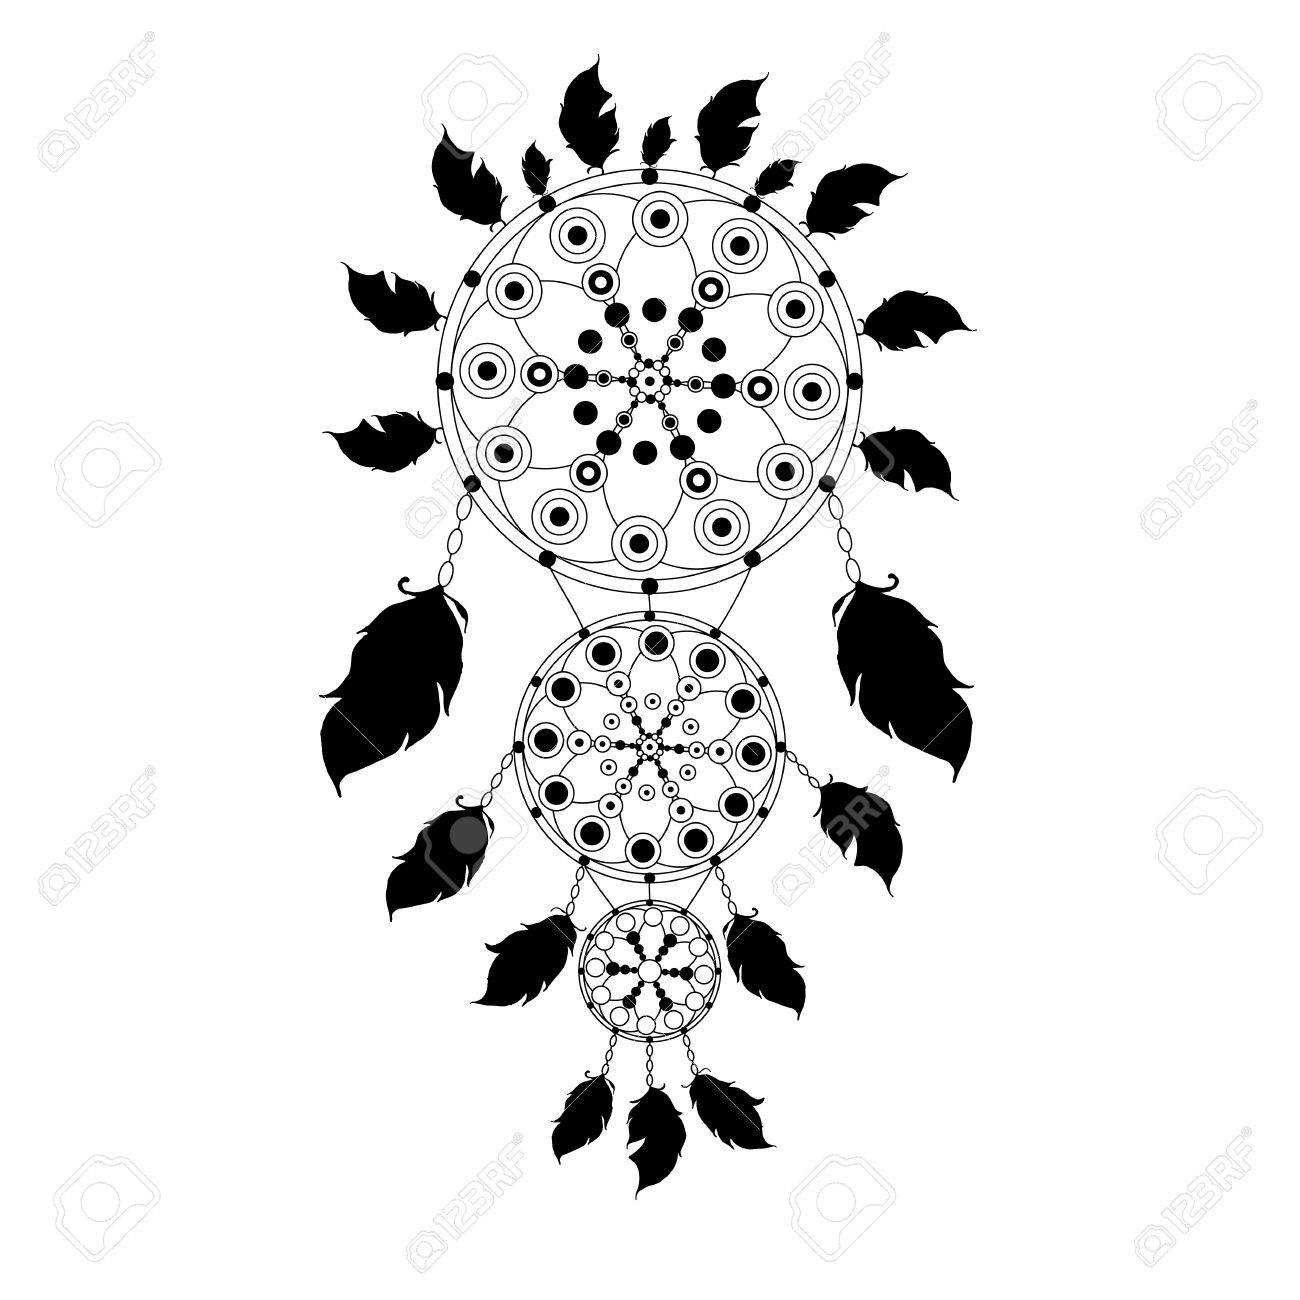 Imagenes De Atrapasueños En Blanco Y Negro